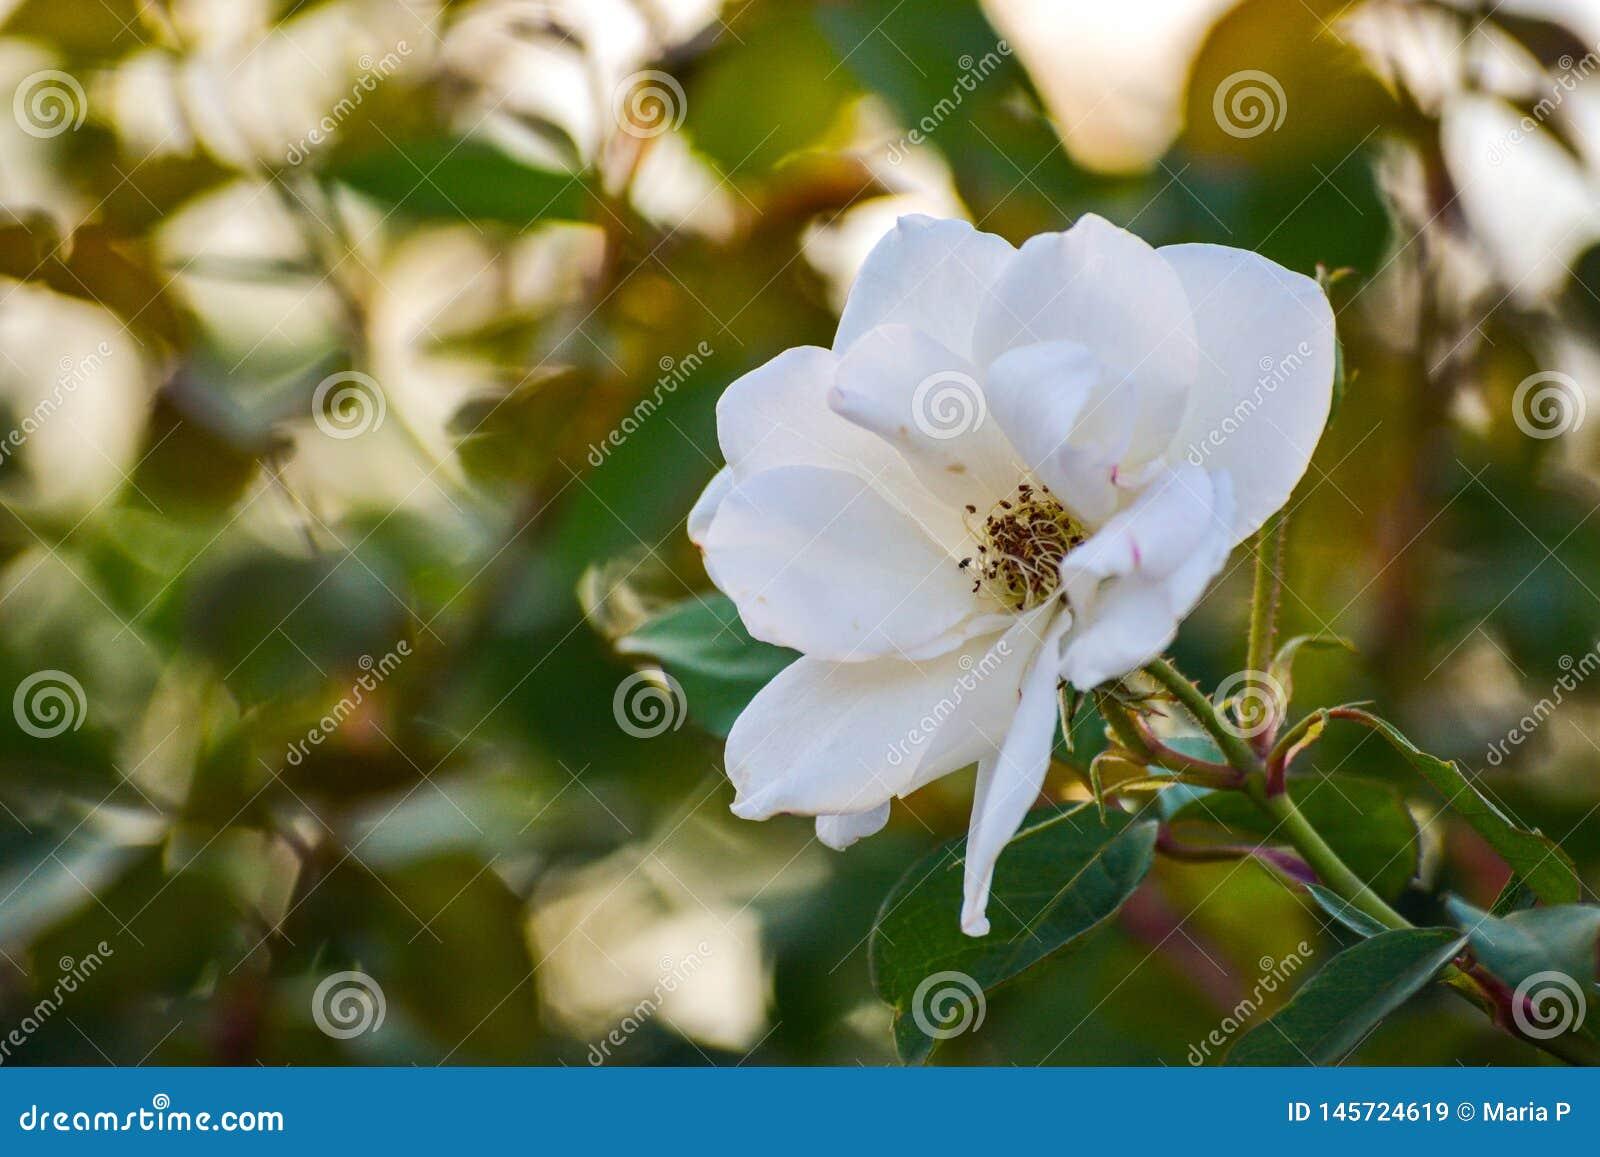 För makrocloseupen för den vita blomman bakgrund för landskapet för naturen för det fria för ståenden för kronblad för blom för s